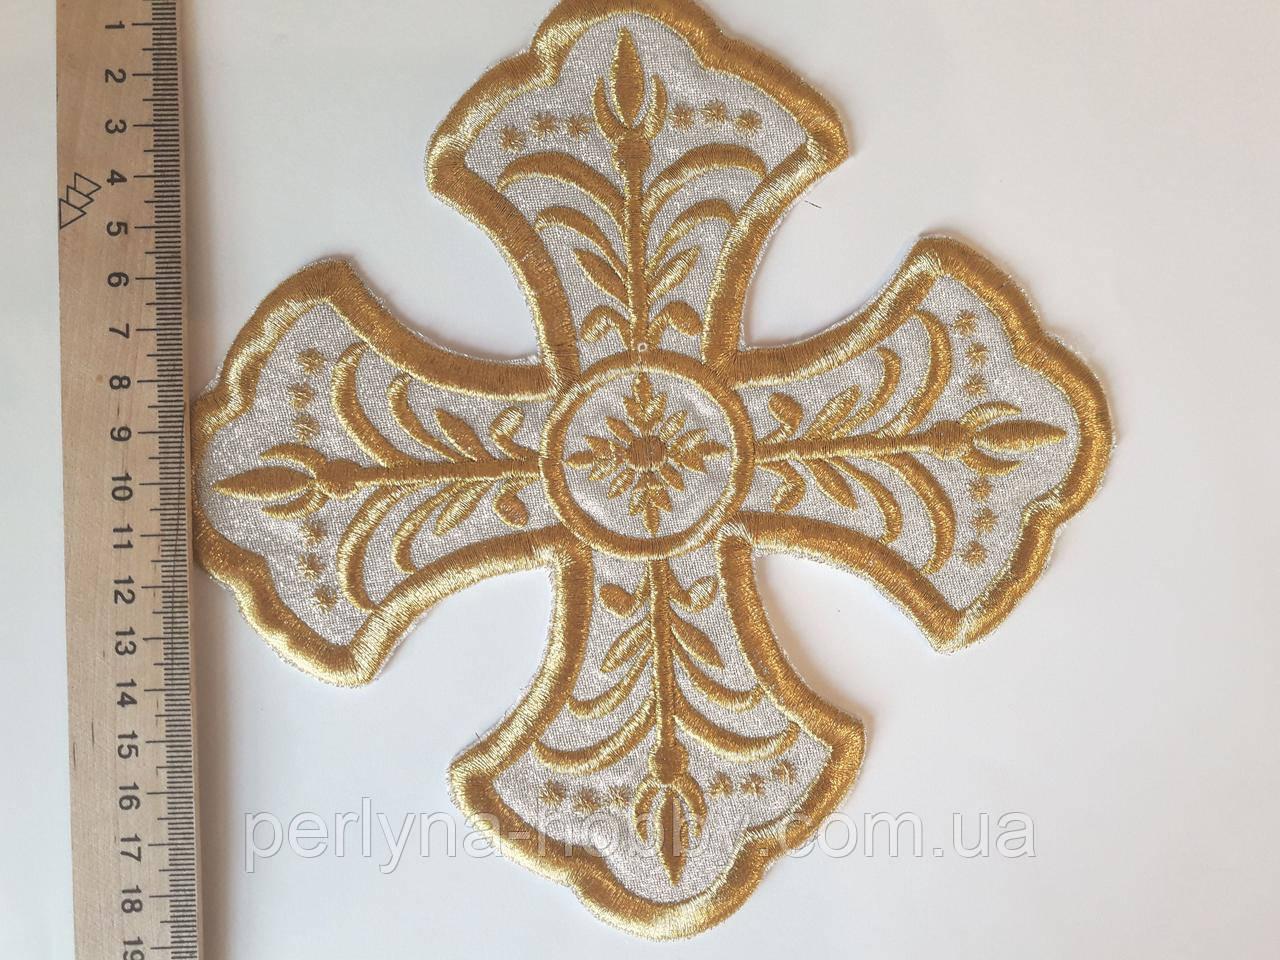 Хрест для стихарів малий 19,5 на 19,5 см золота вишивка на срібній парчі.